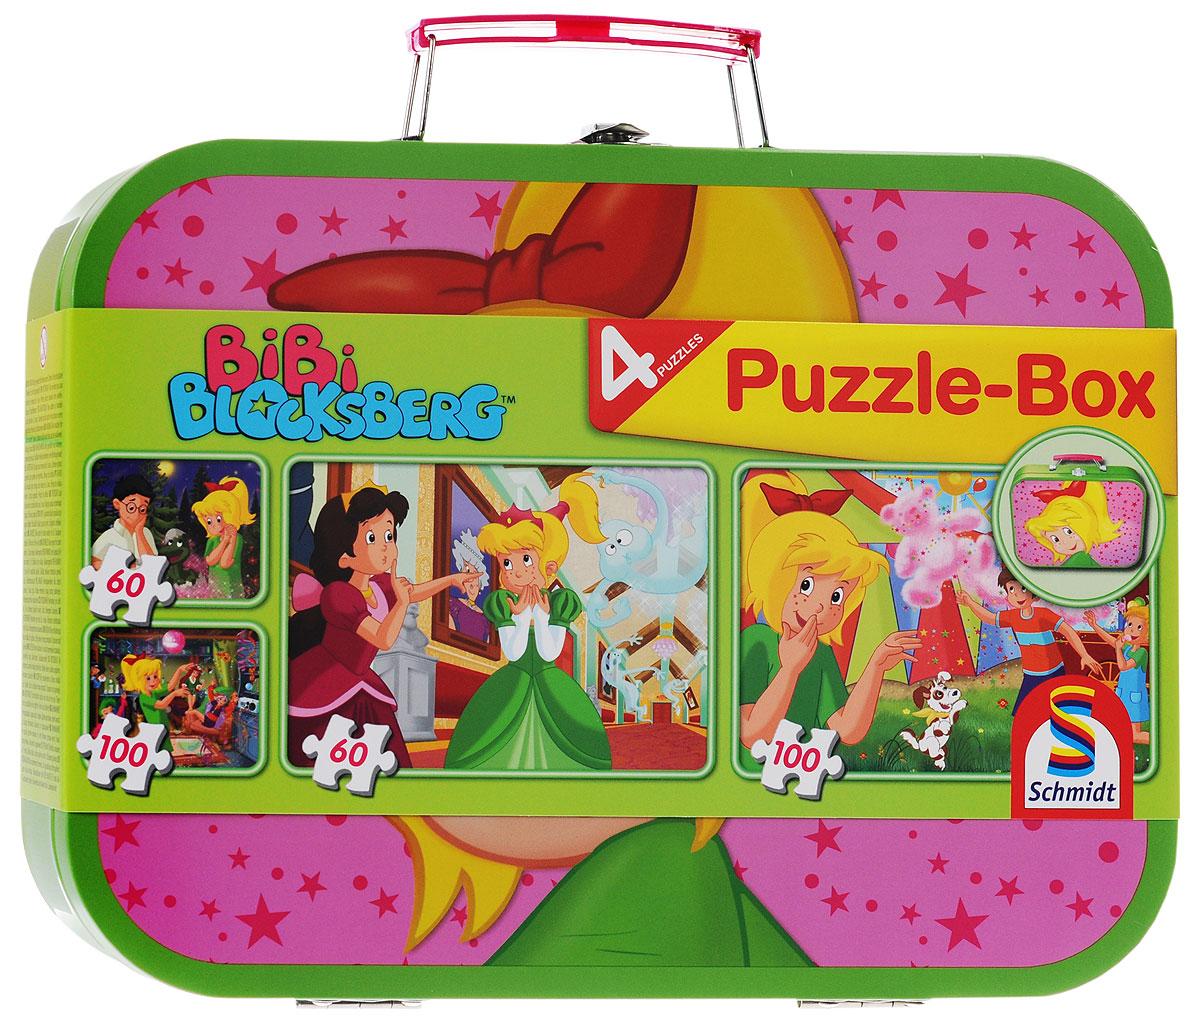 Schmidt Набор пазлов Bibi Blocksberg, в чемоданчике, 320 элементов55595Набор пазлов Bibi Blocksberg непременно понравится вашему ребенку. В наборе 4 картинки: 2 по 100 и 2 по 60 элементов. В результате сборки вы получите 4 интересные картинки с героями из любимого мультфильма. Набор упакован в металлический чемоданчик с ручкой, для удобной переноски пазлов. Чемоданчик закрывается на металлический замок-защелку. Собирание пазла развивает мелкую моторику рук у ребенка, тренирует наблюдательность, логическое мышление, знакомит с окружающим миром, с цветом и разнообразными формами.